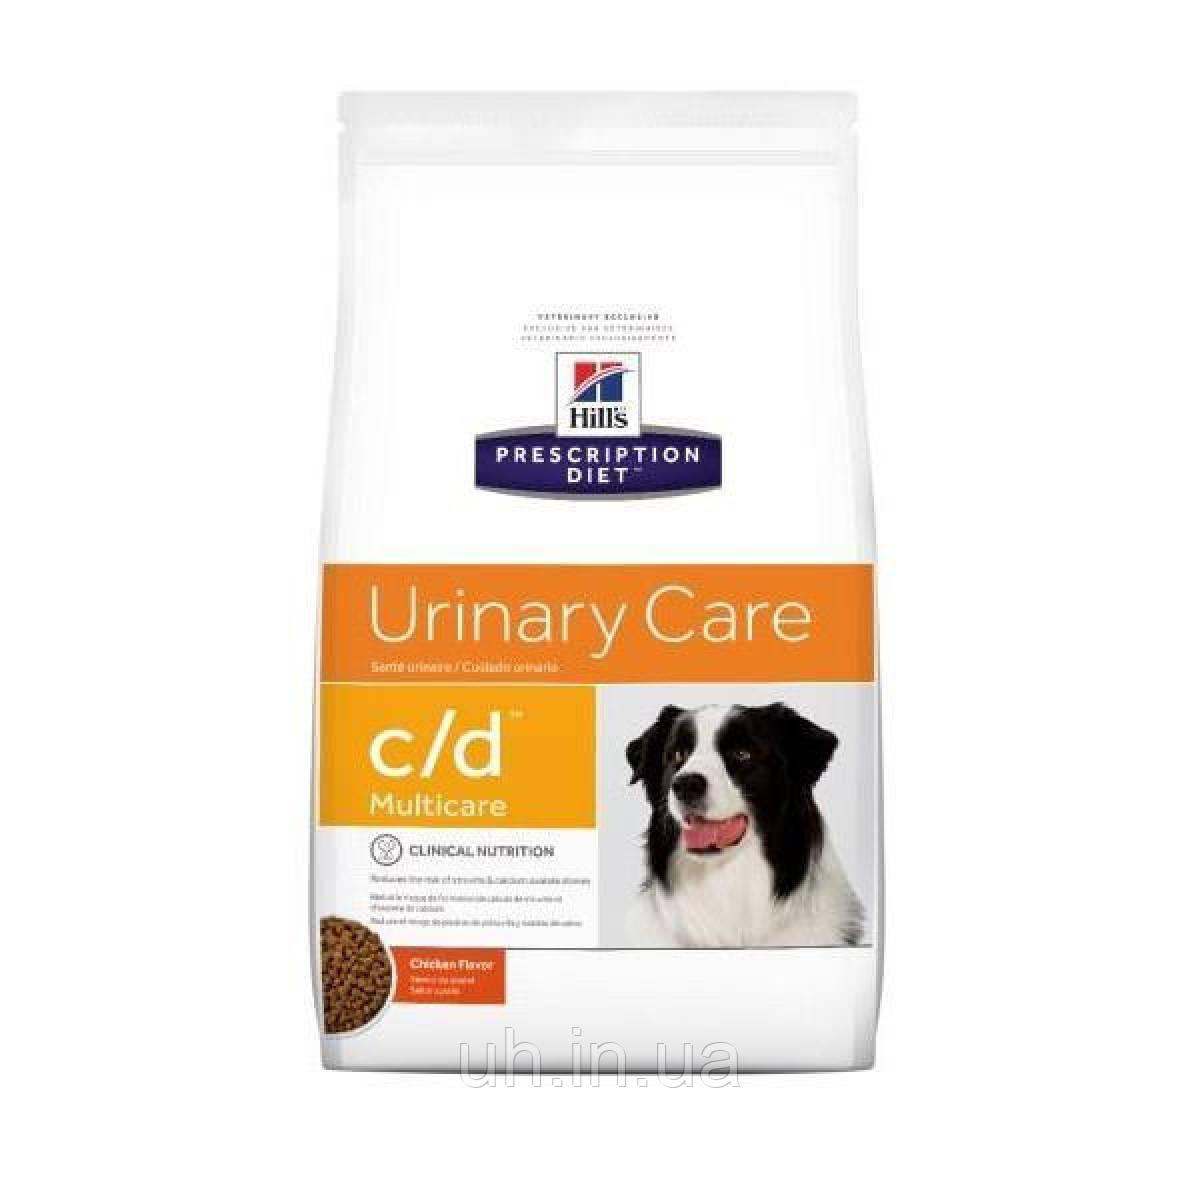 Hill's Prescription Diet Canine c/d Multicare лікувальний корм при рецидивах сечокам'яної хвороби 2КГ